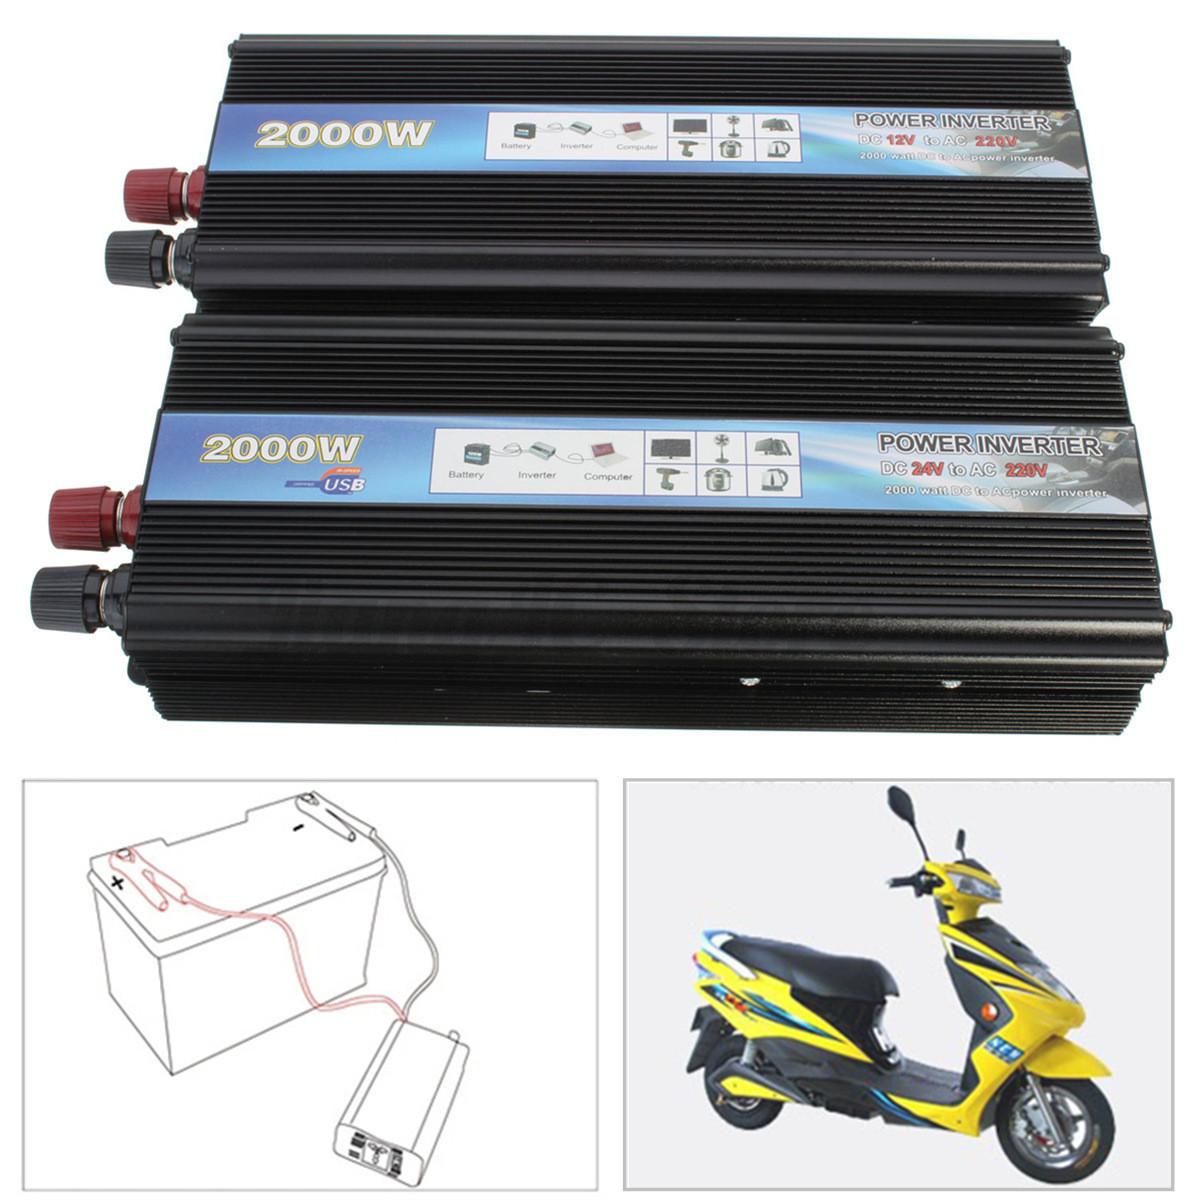 2000w usb dc 12v 24v to ac 220v car vehicle power inverter adapter converter new ebay. Black Bedroom Furniture Sets. Home Design Ideas